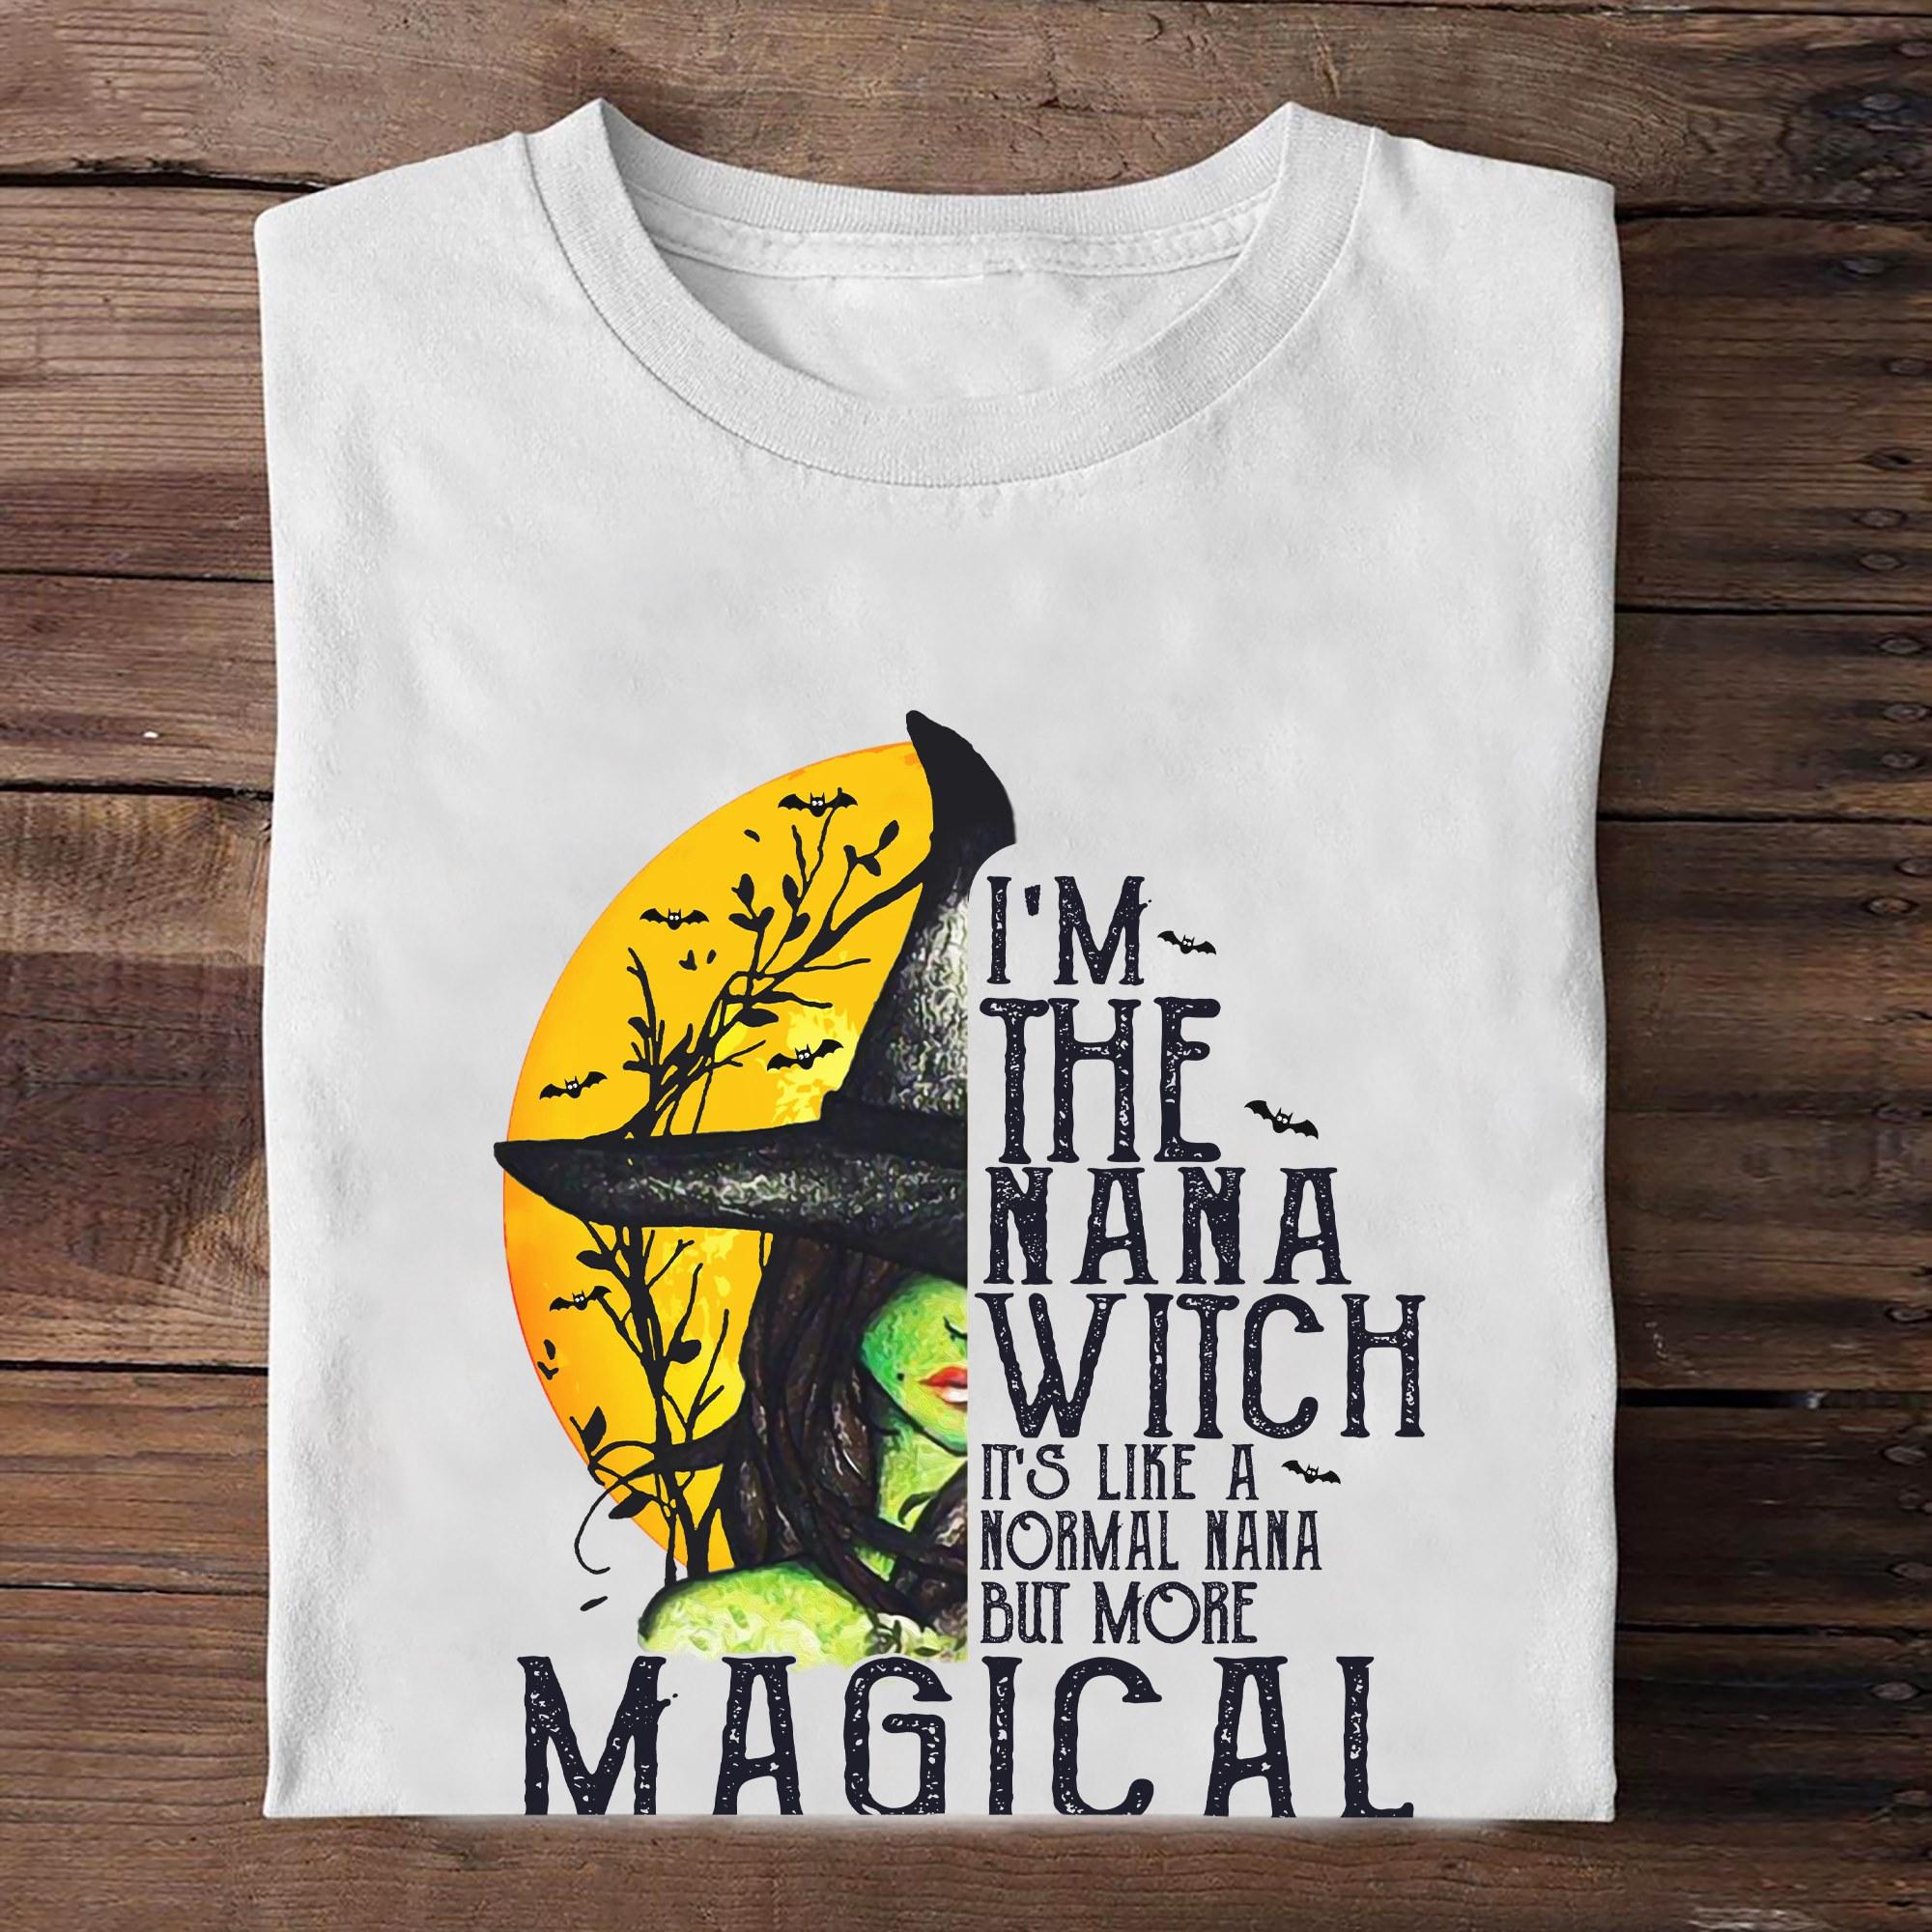 Nana Witch Shirt It's Like A Normal Nana Haloween Shirt